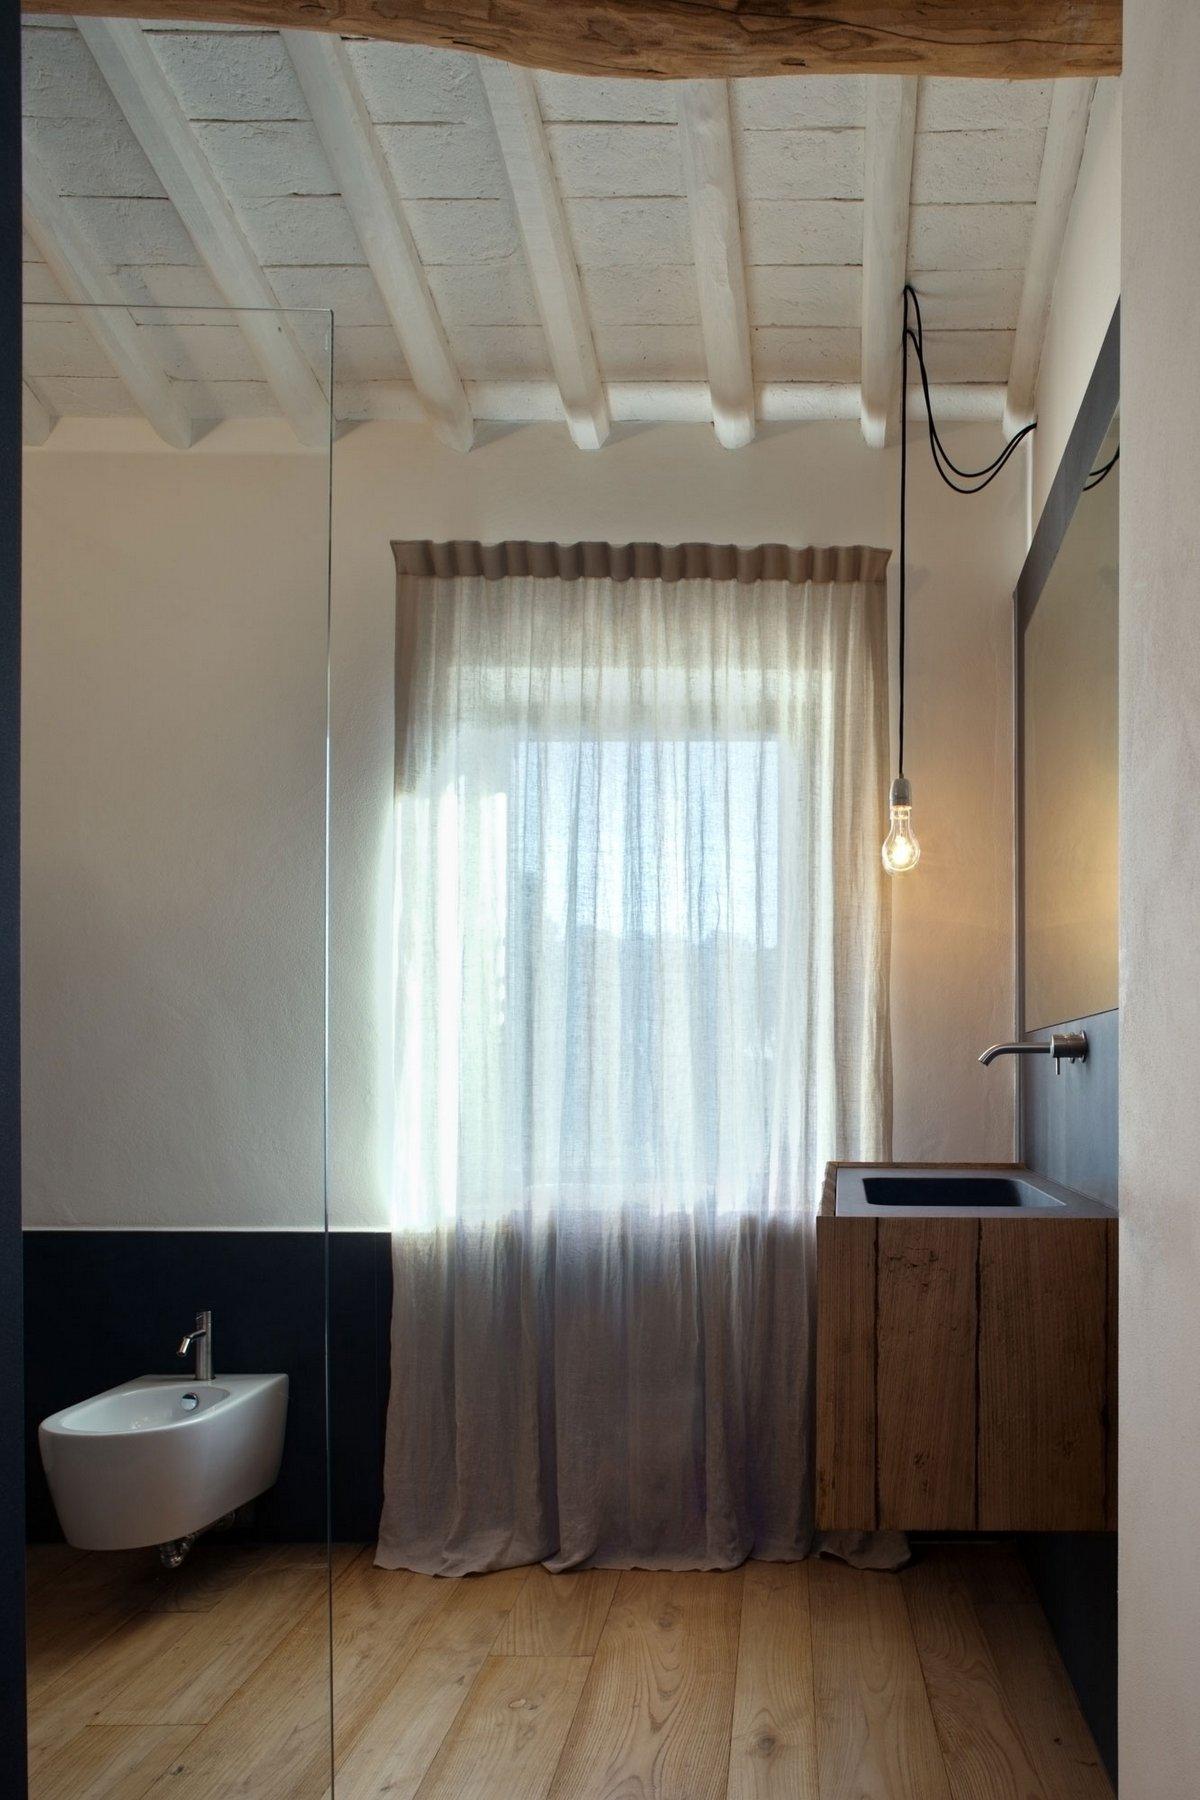 MIDE architetti, реставрация старого дома, частные дома в Италии, итальянские традиционные дома, частные дома в Лукка, старинные дома фото